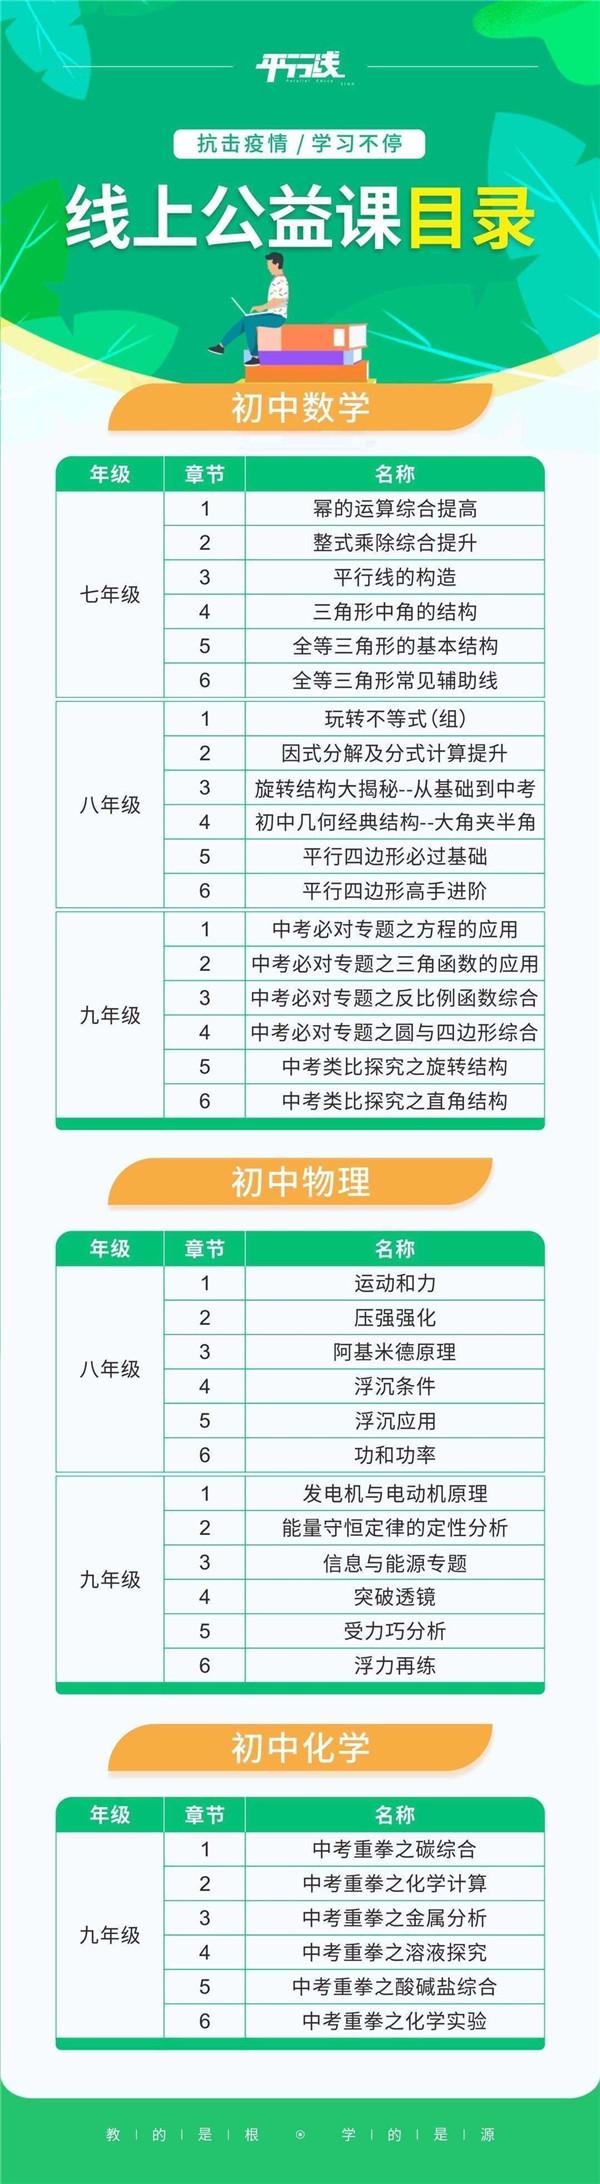 初中课表.jpg